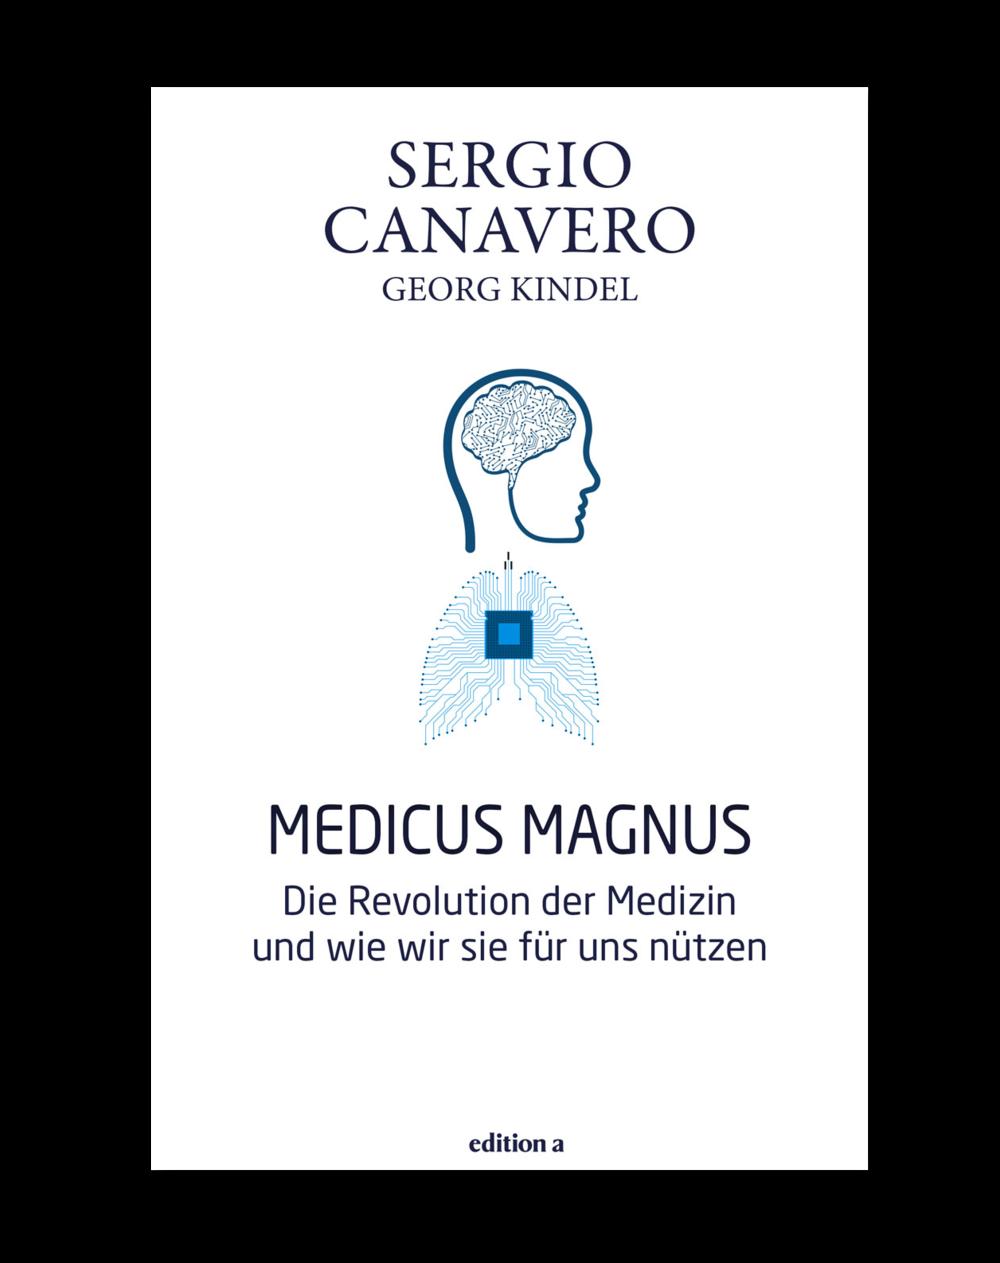 COVER MEDICUS MAGNUS_Das Buch_Sergio Canavero_Georg Kindel.jpg